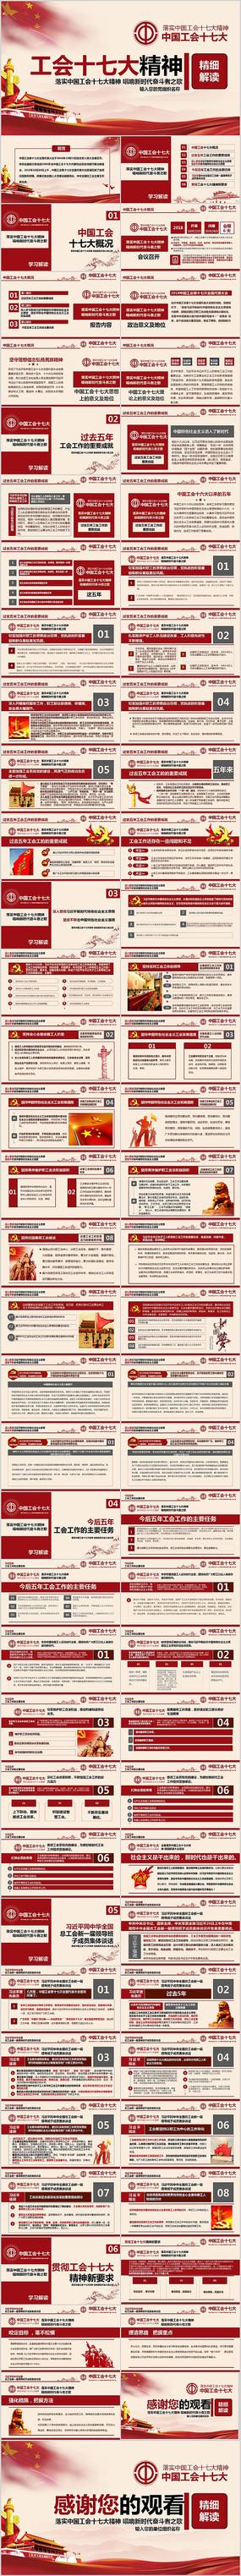 中国工会十七大精神解读PPT